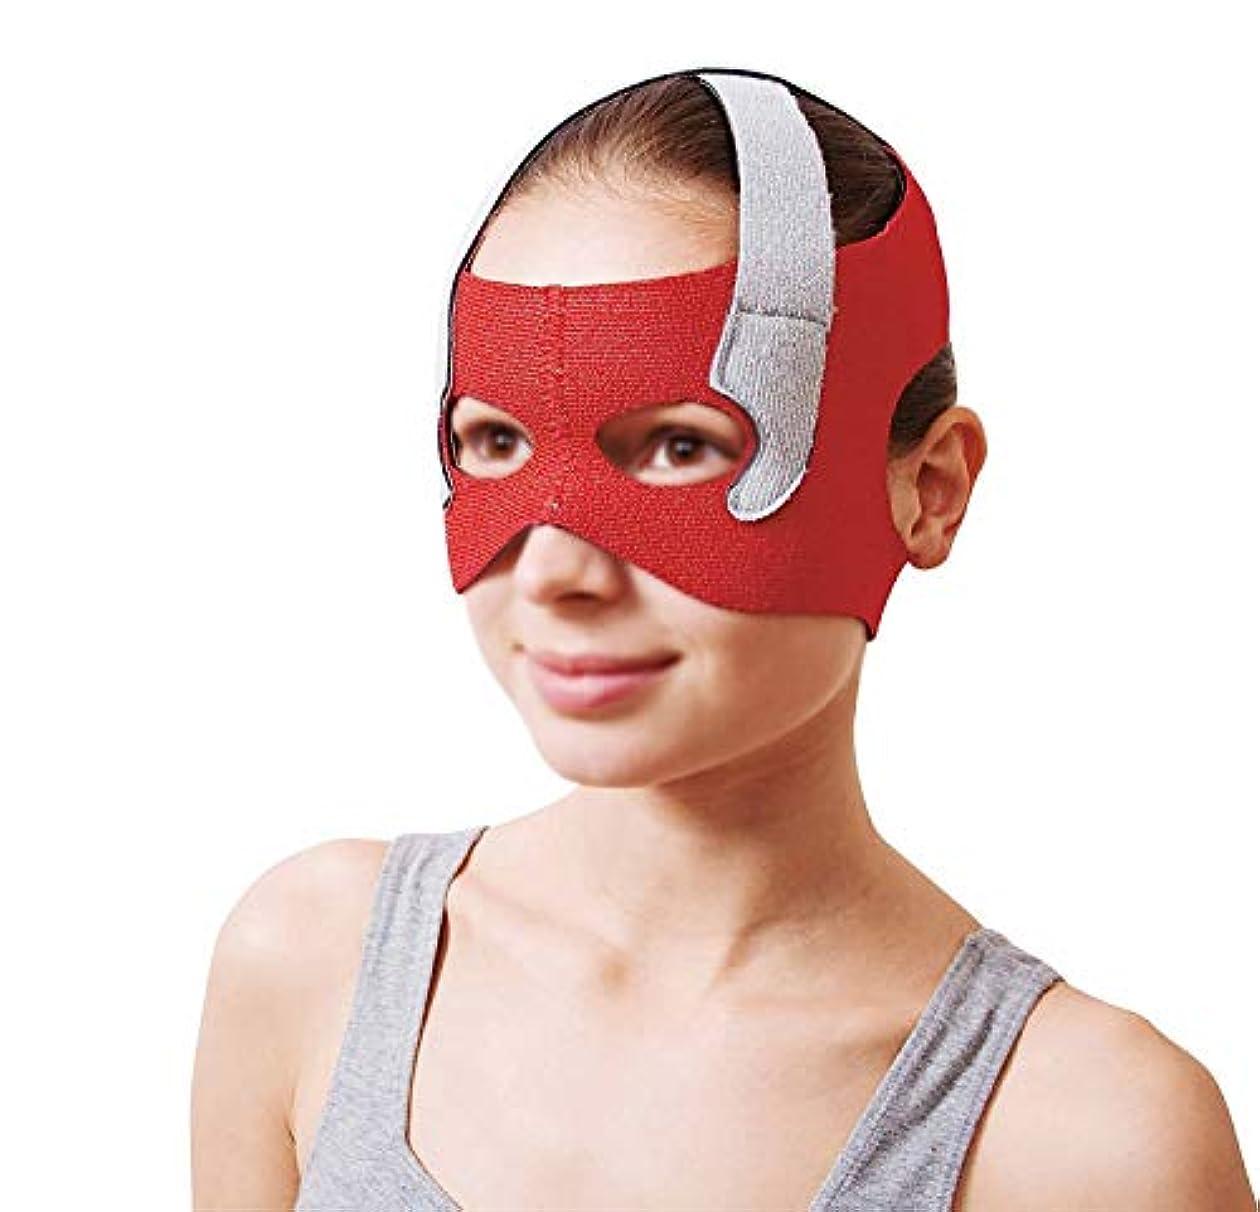 バタフライビジョン傾斜TLMY フェイシャルリフティングマスク回復包帯ヘッドギアマスクシンフェイスマスクアーティファクト美容ベルトフェイシャルとネックリフティングフェイシャル円周57-68 cm 顔用整形マスク